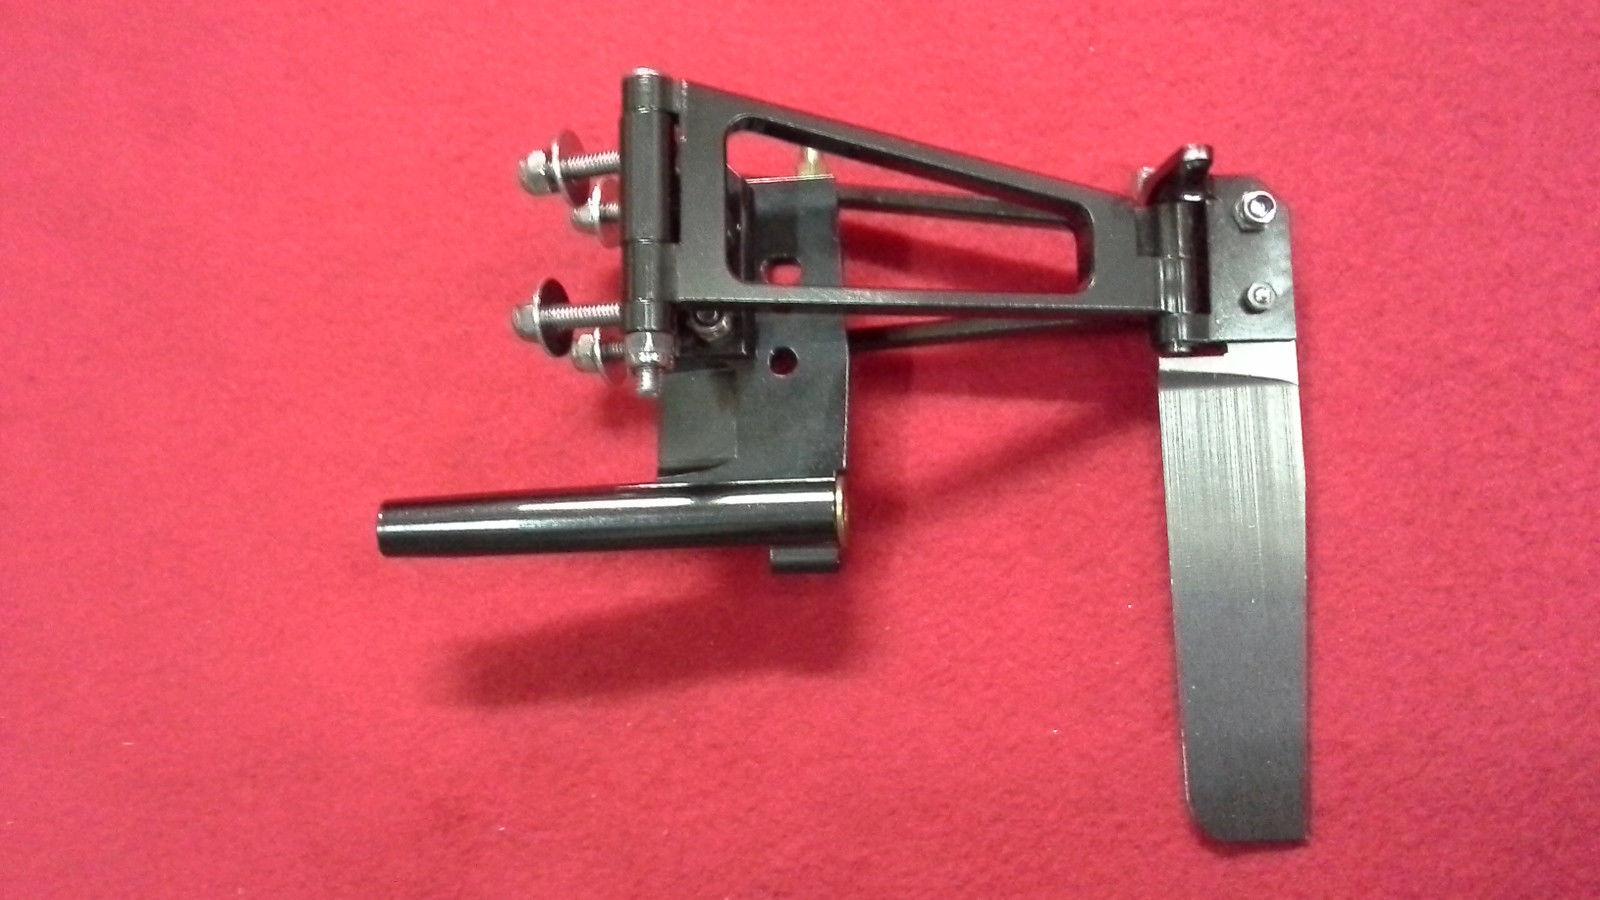 CNC Aluminum  Inline Rudder with adjustable strut for 3/16